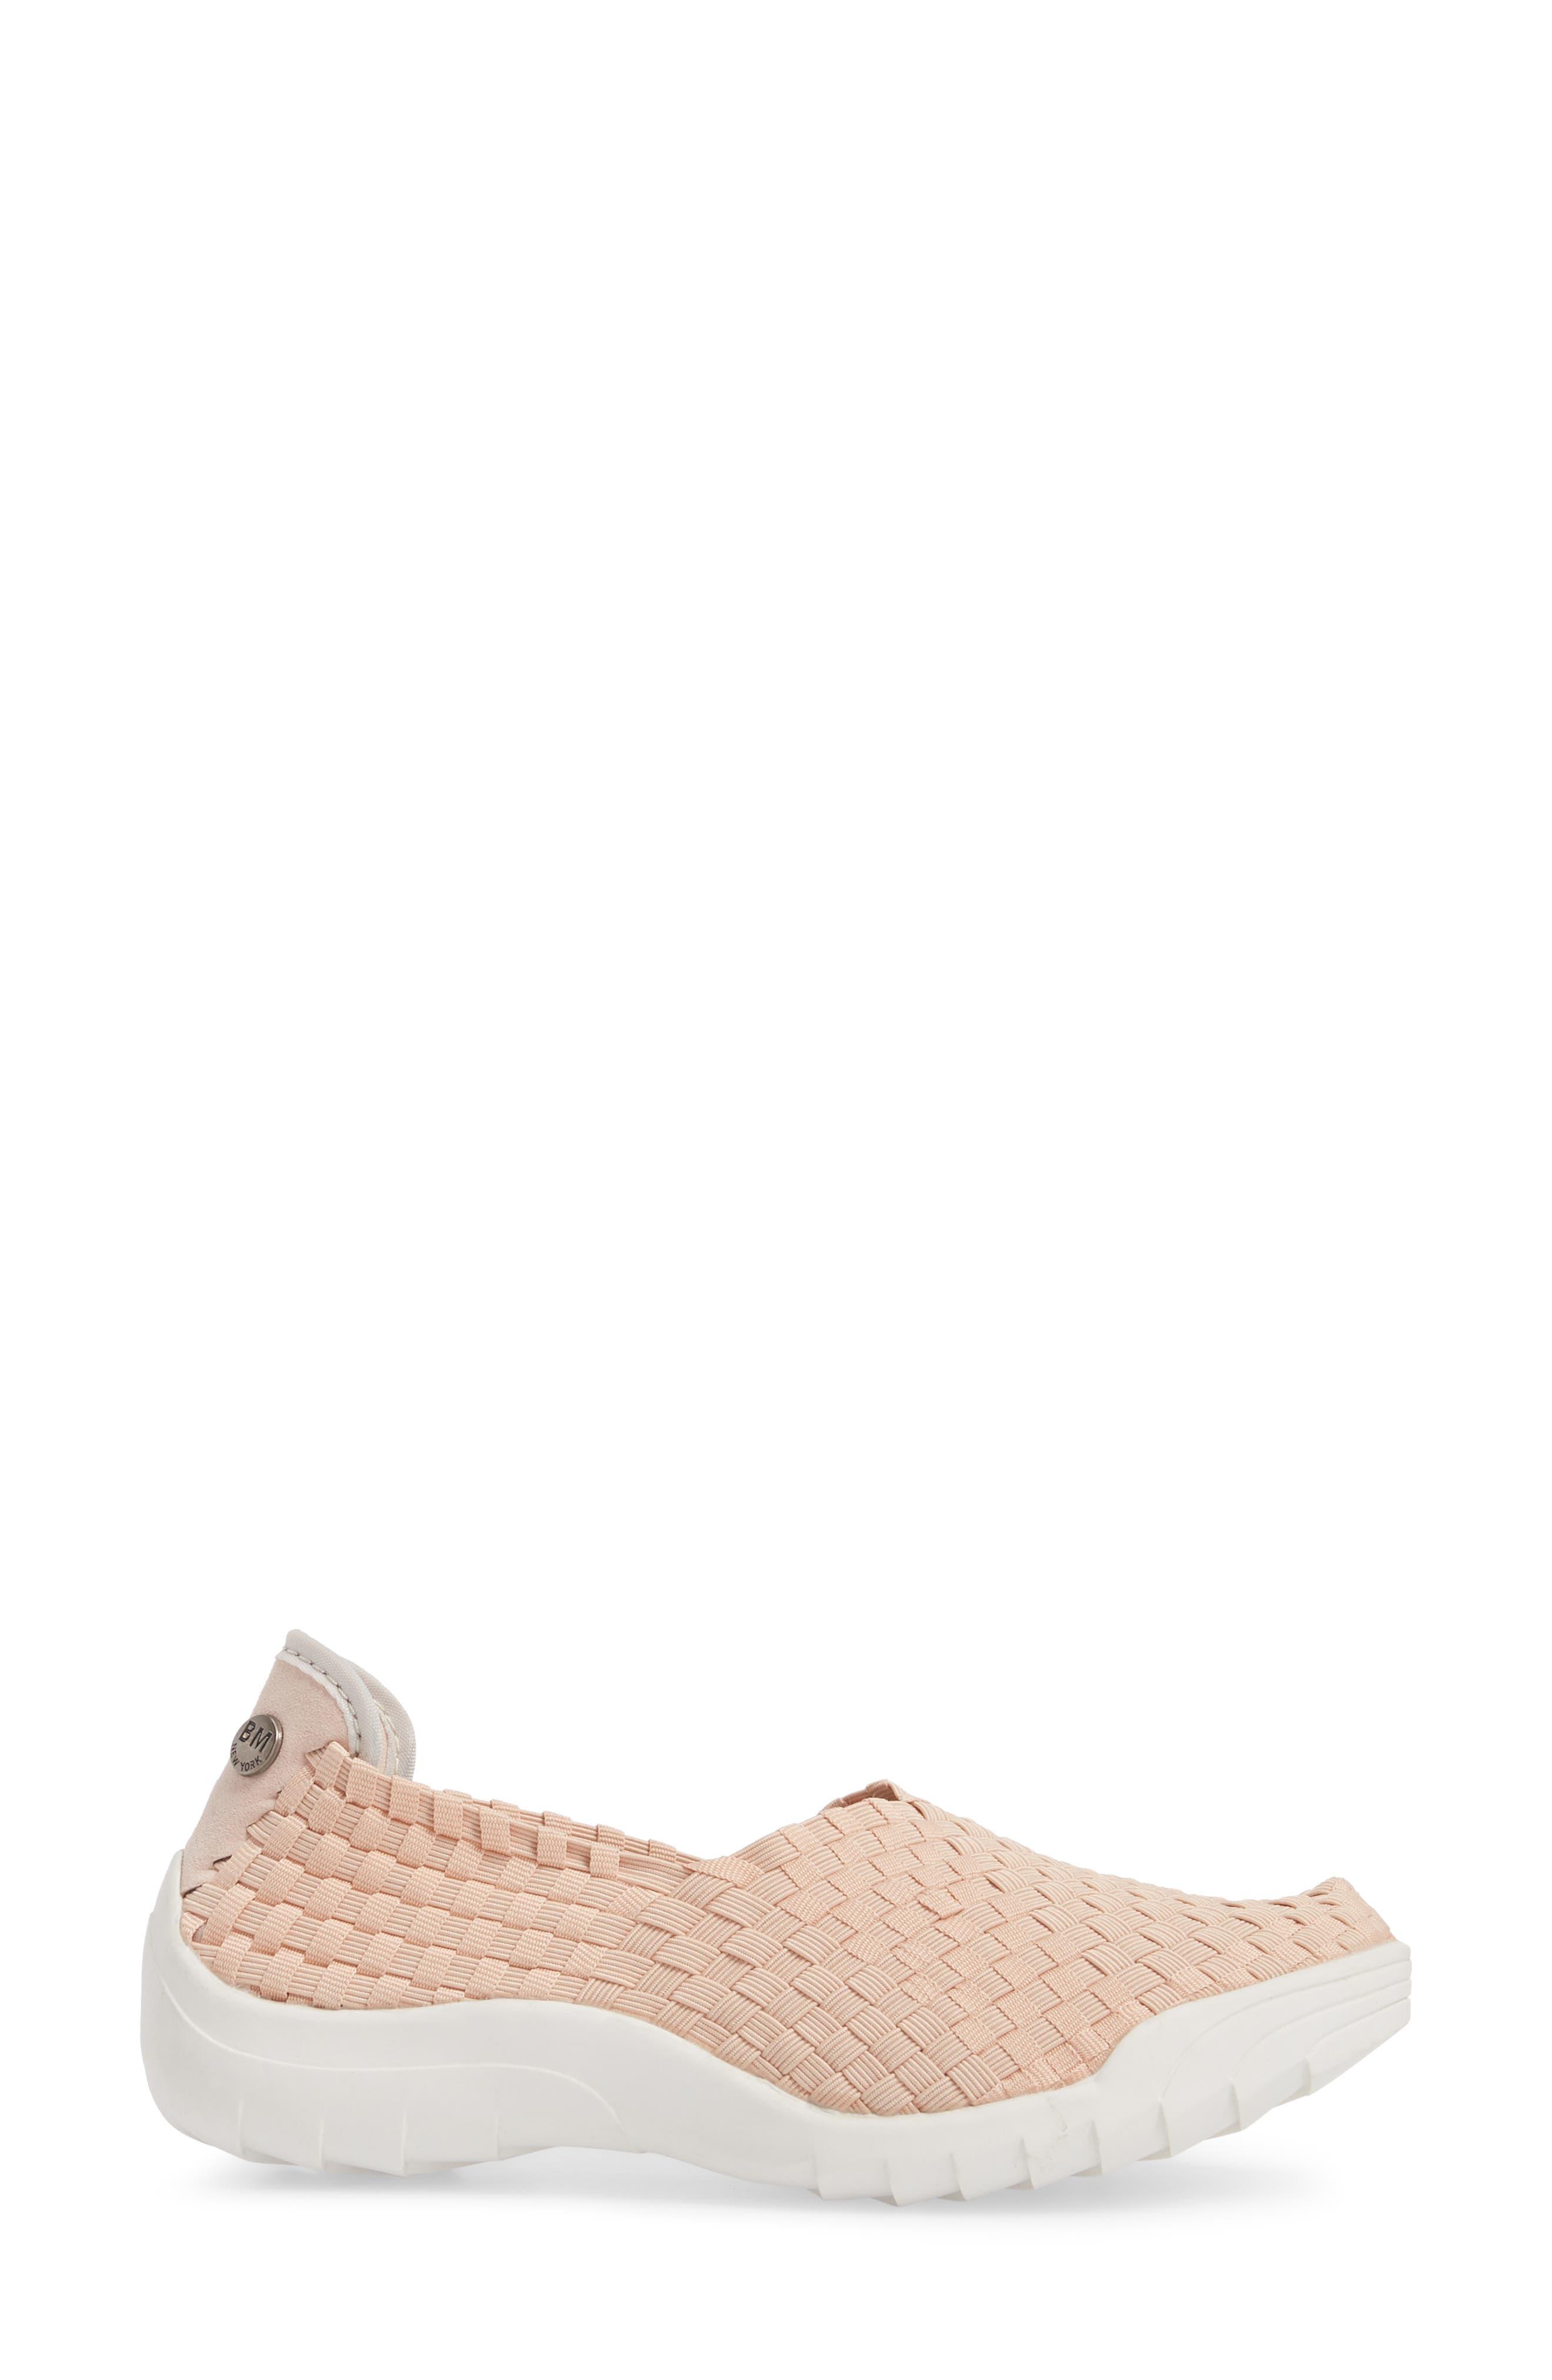 Rigged Fly Slip-On Sneaker,                             Alternate thumbnail 3, color,                             Blush